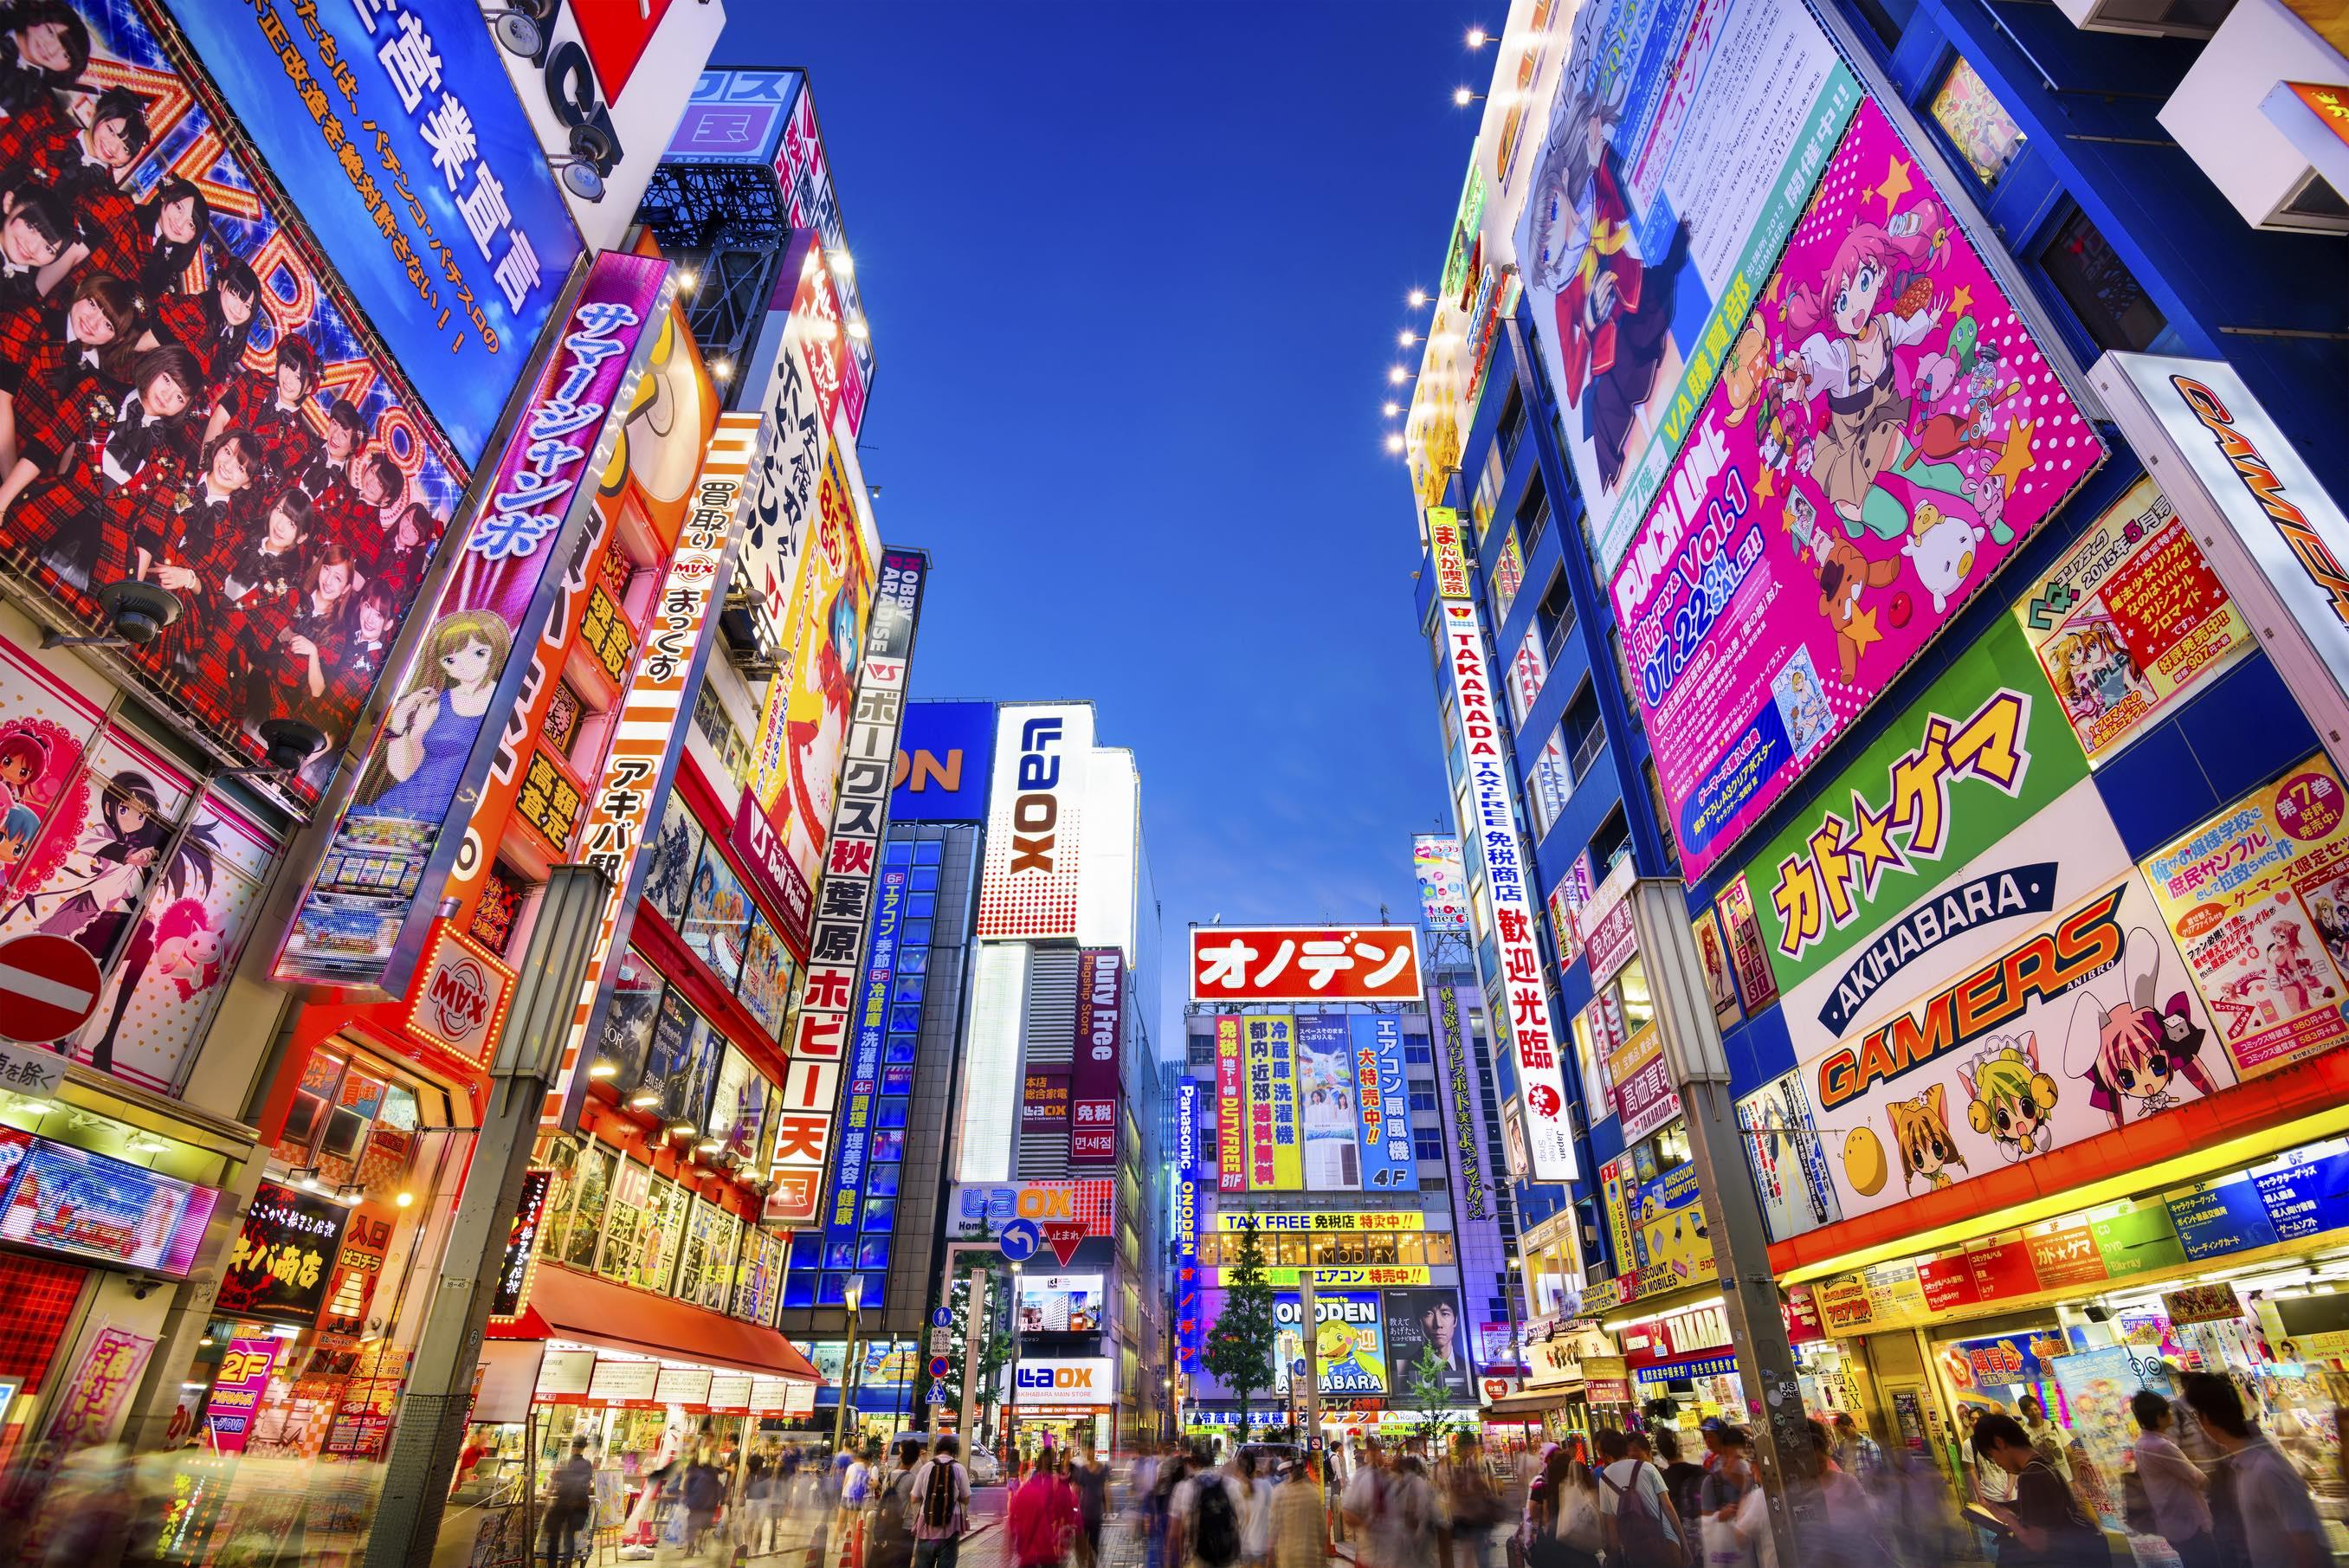 Khu đồ điện tử Akihabara